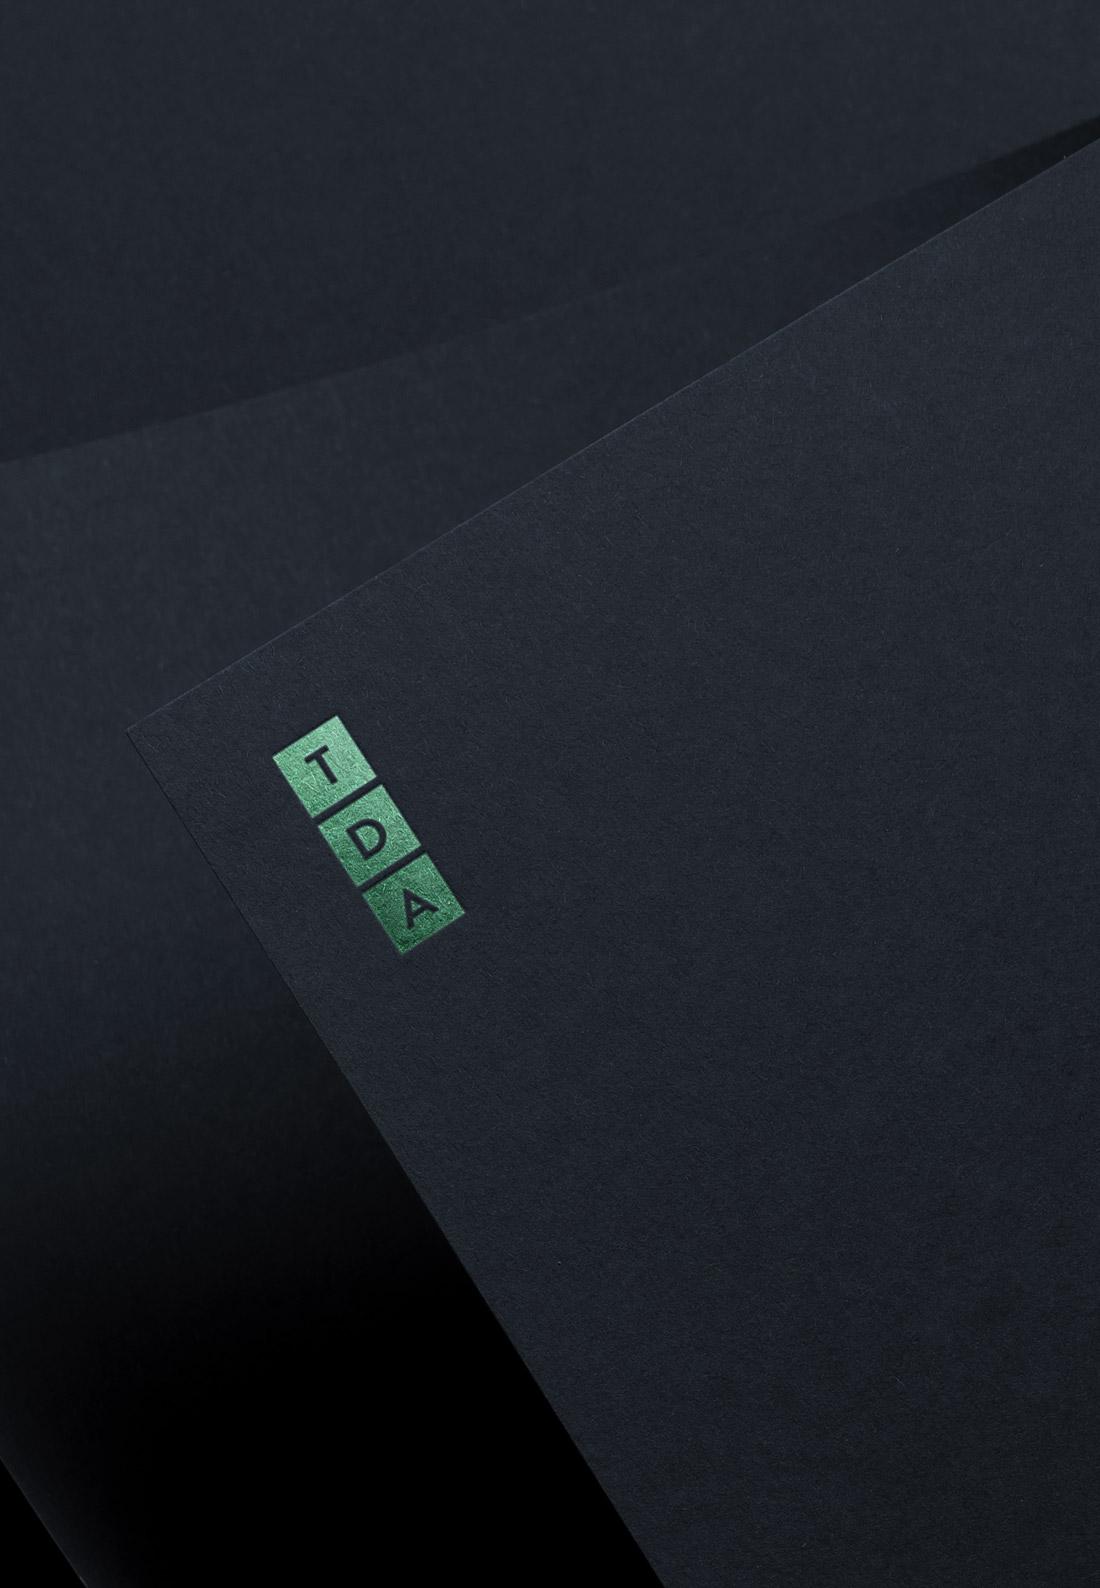 paper_01-colorc